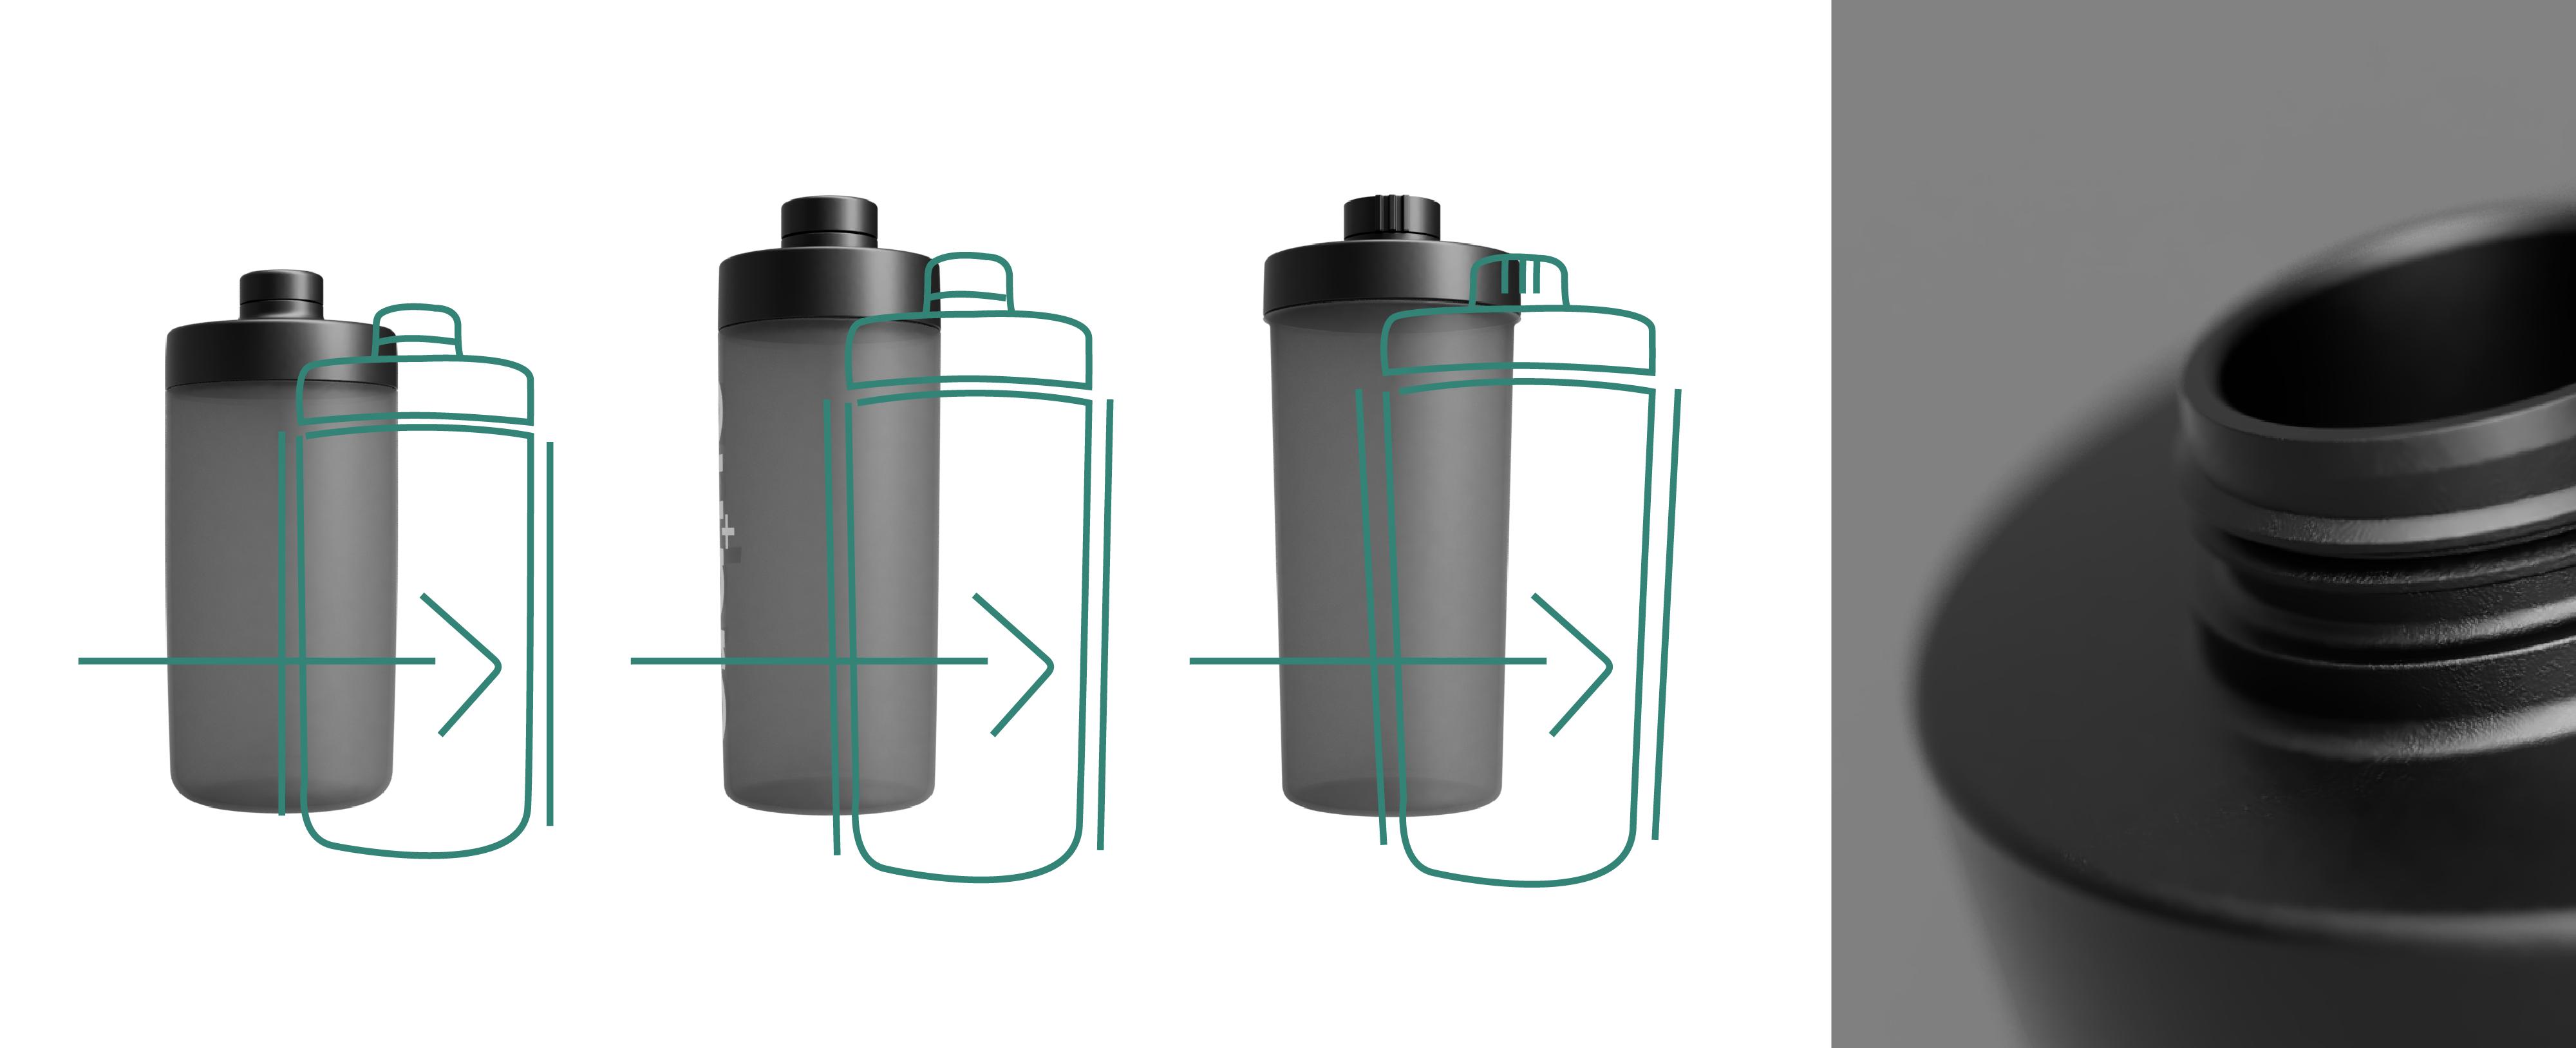 Optimierung im Designprozess bei der Produktentwicklung des Shakers